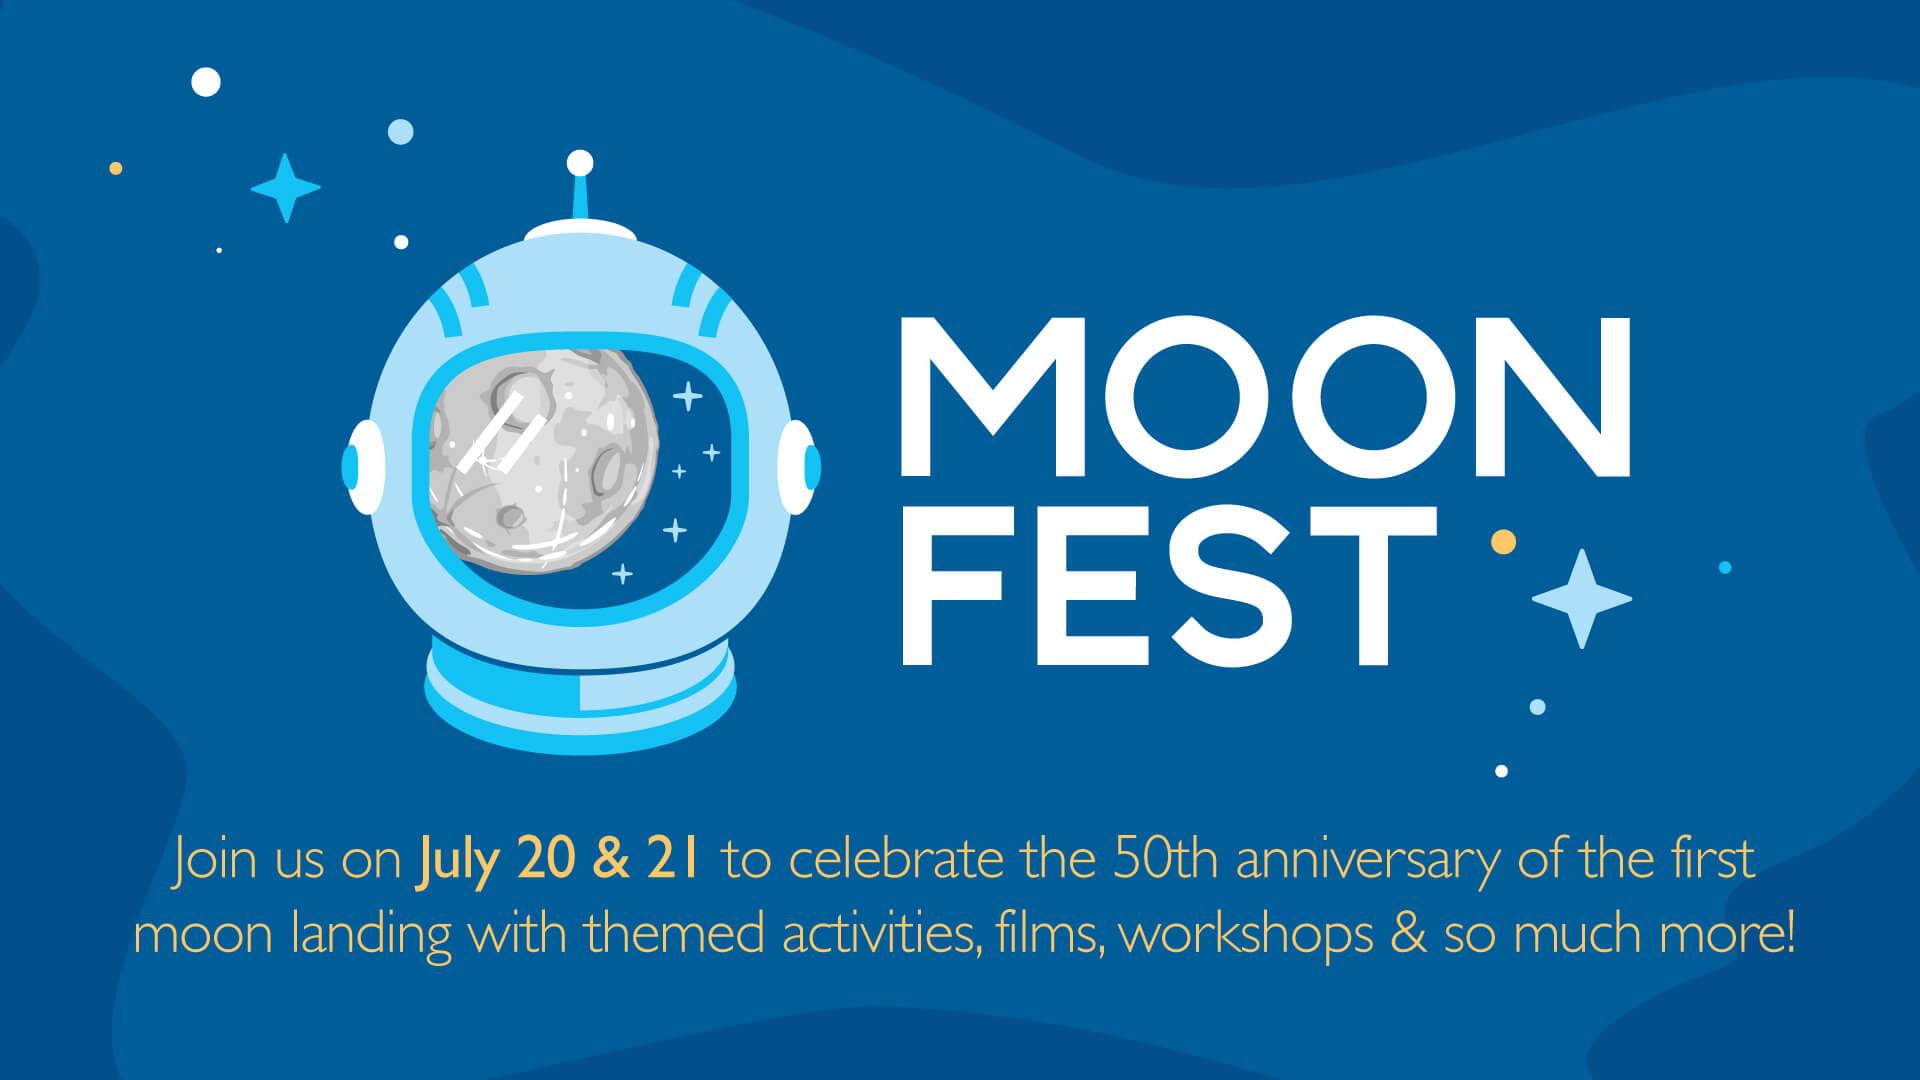 Moon fest flyer